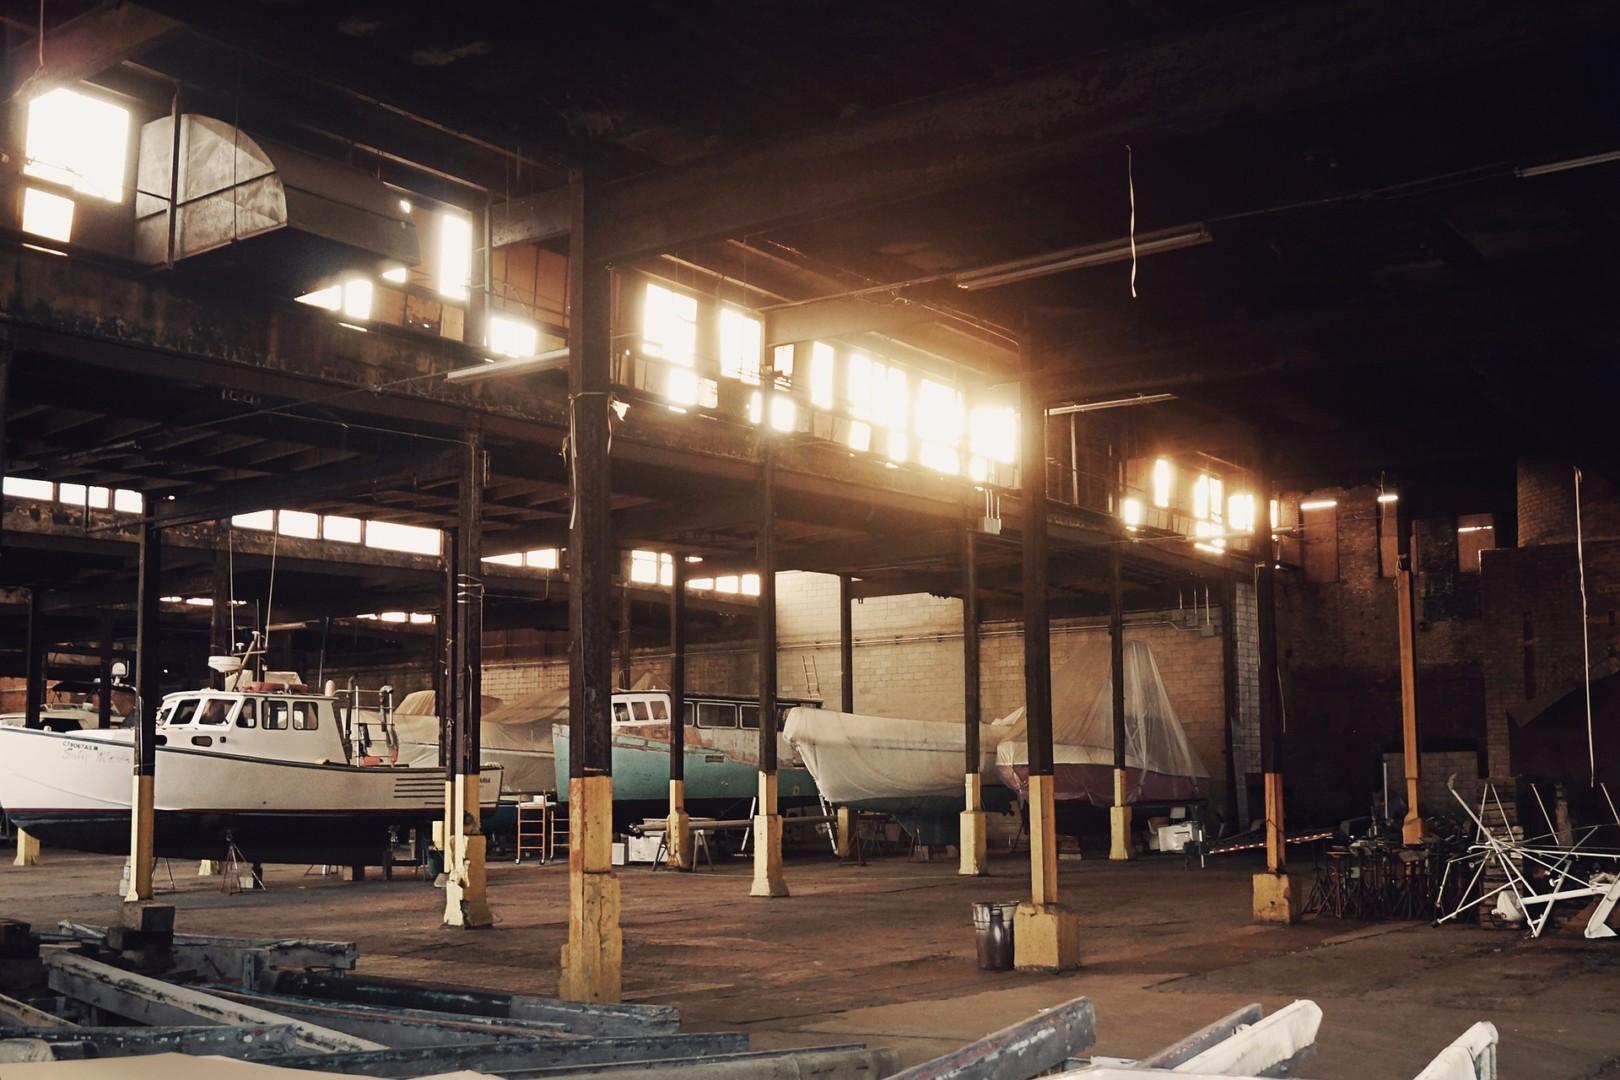 DREAM RACER BOATS warehouse Dream Racer Boats réaménage les bateaux d'occasion et valorise vos reprises Actualités